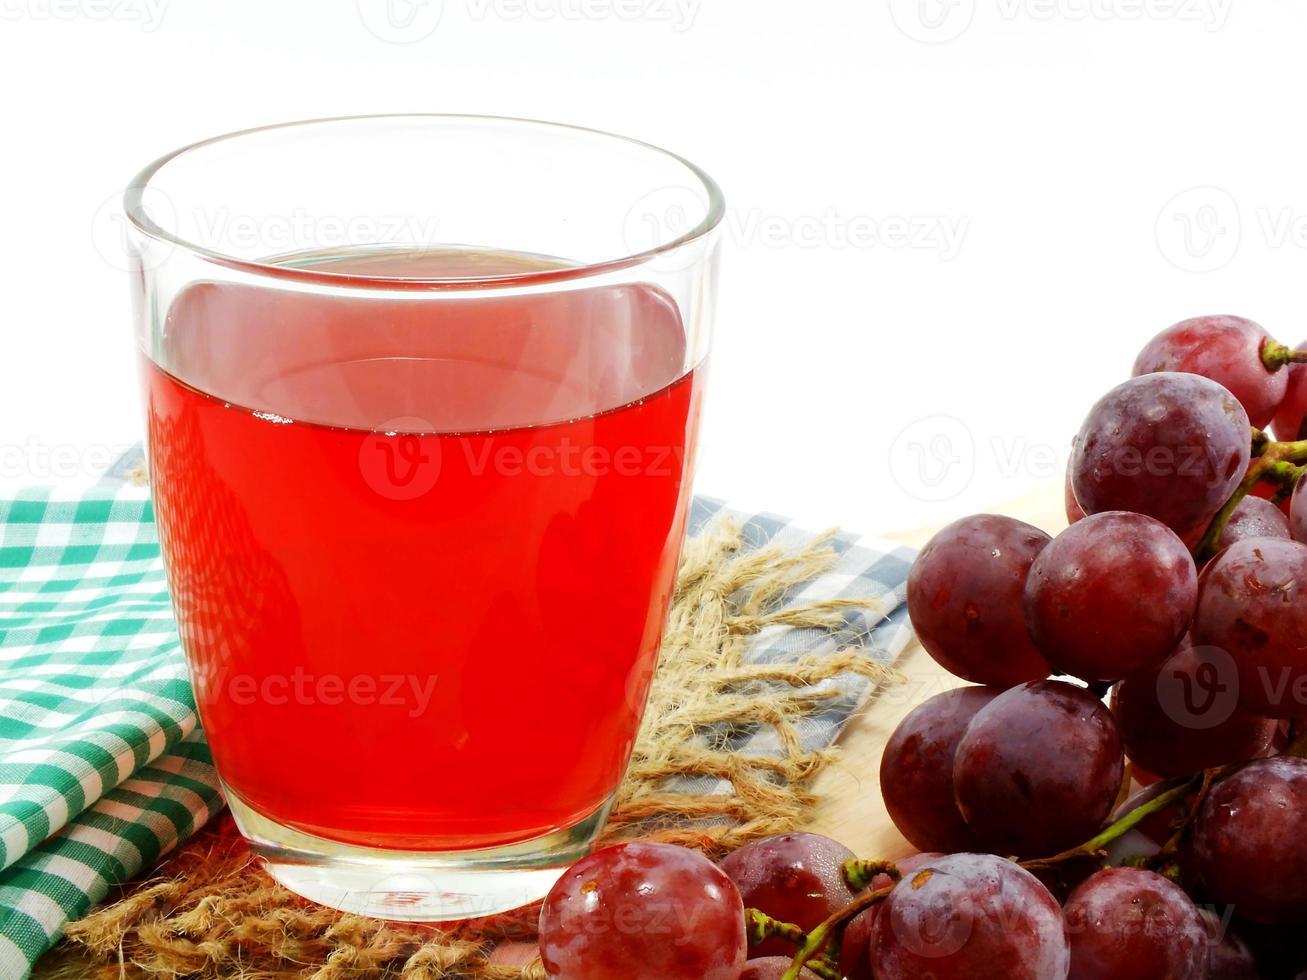 bicchiere di succo d'uva rossa con frutta foto